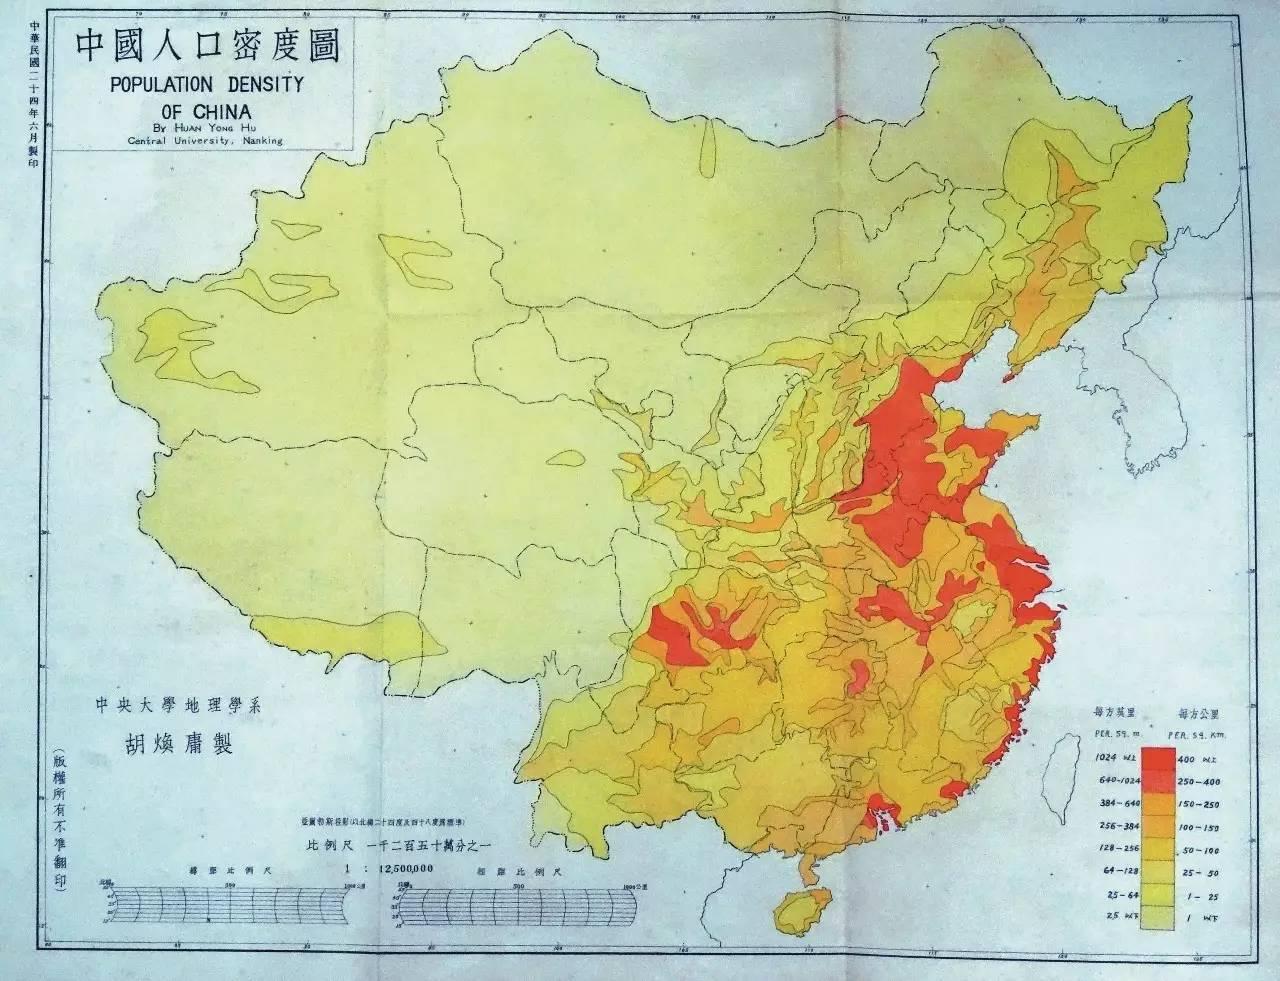 中国人口分布_南京市人口分布